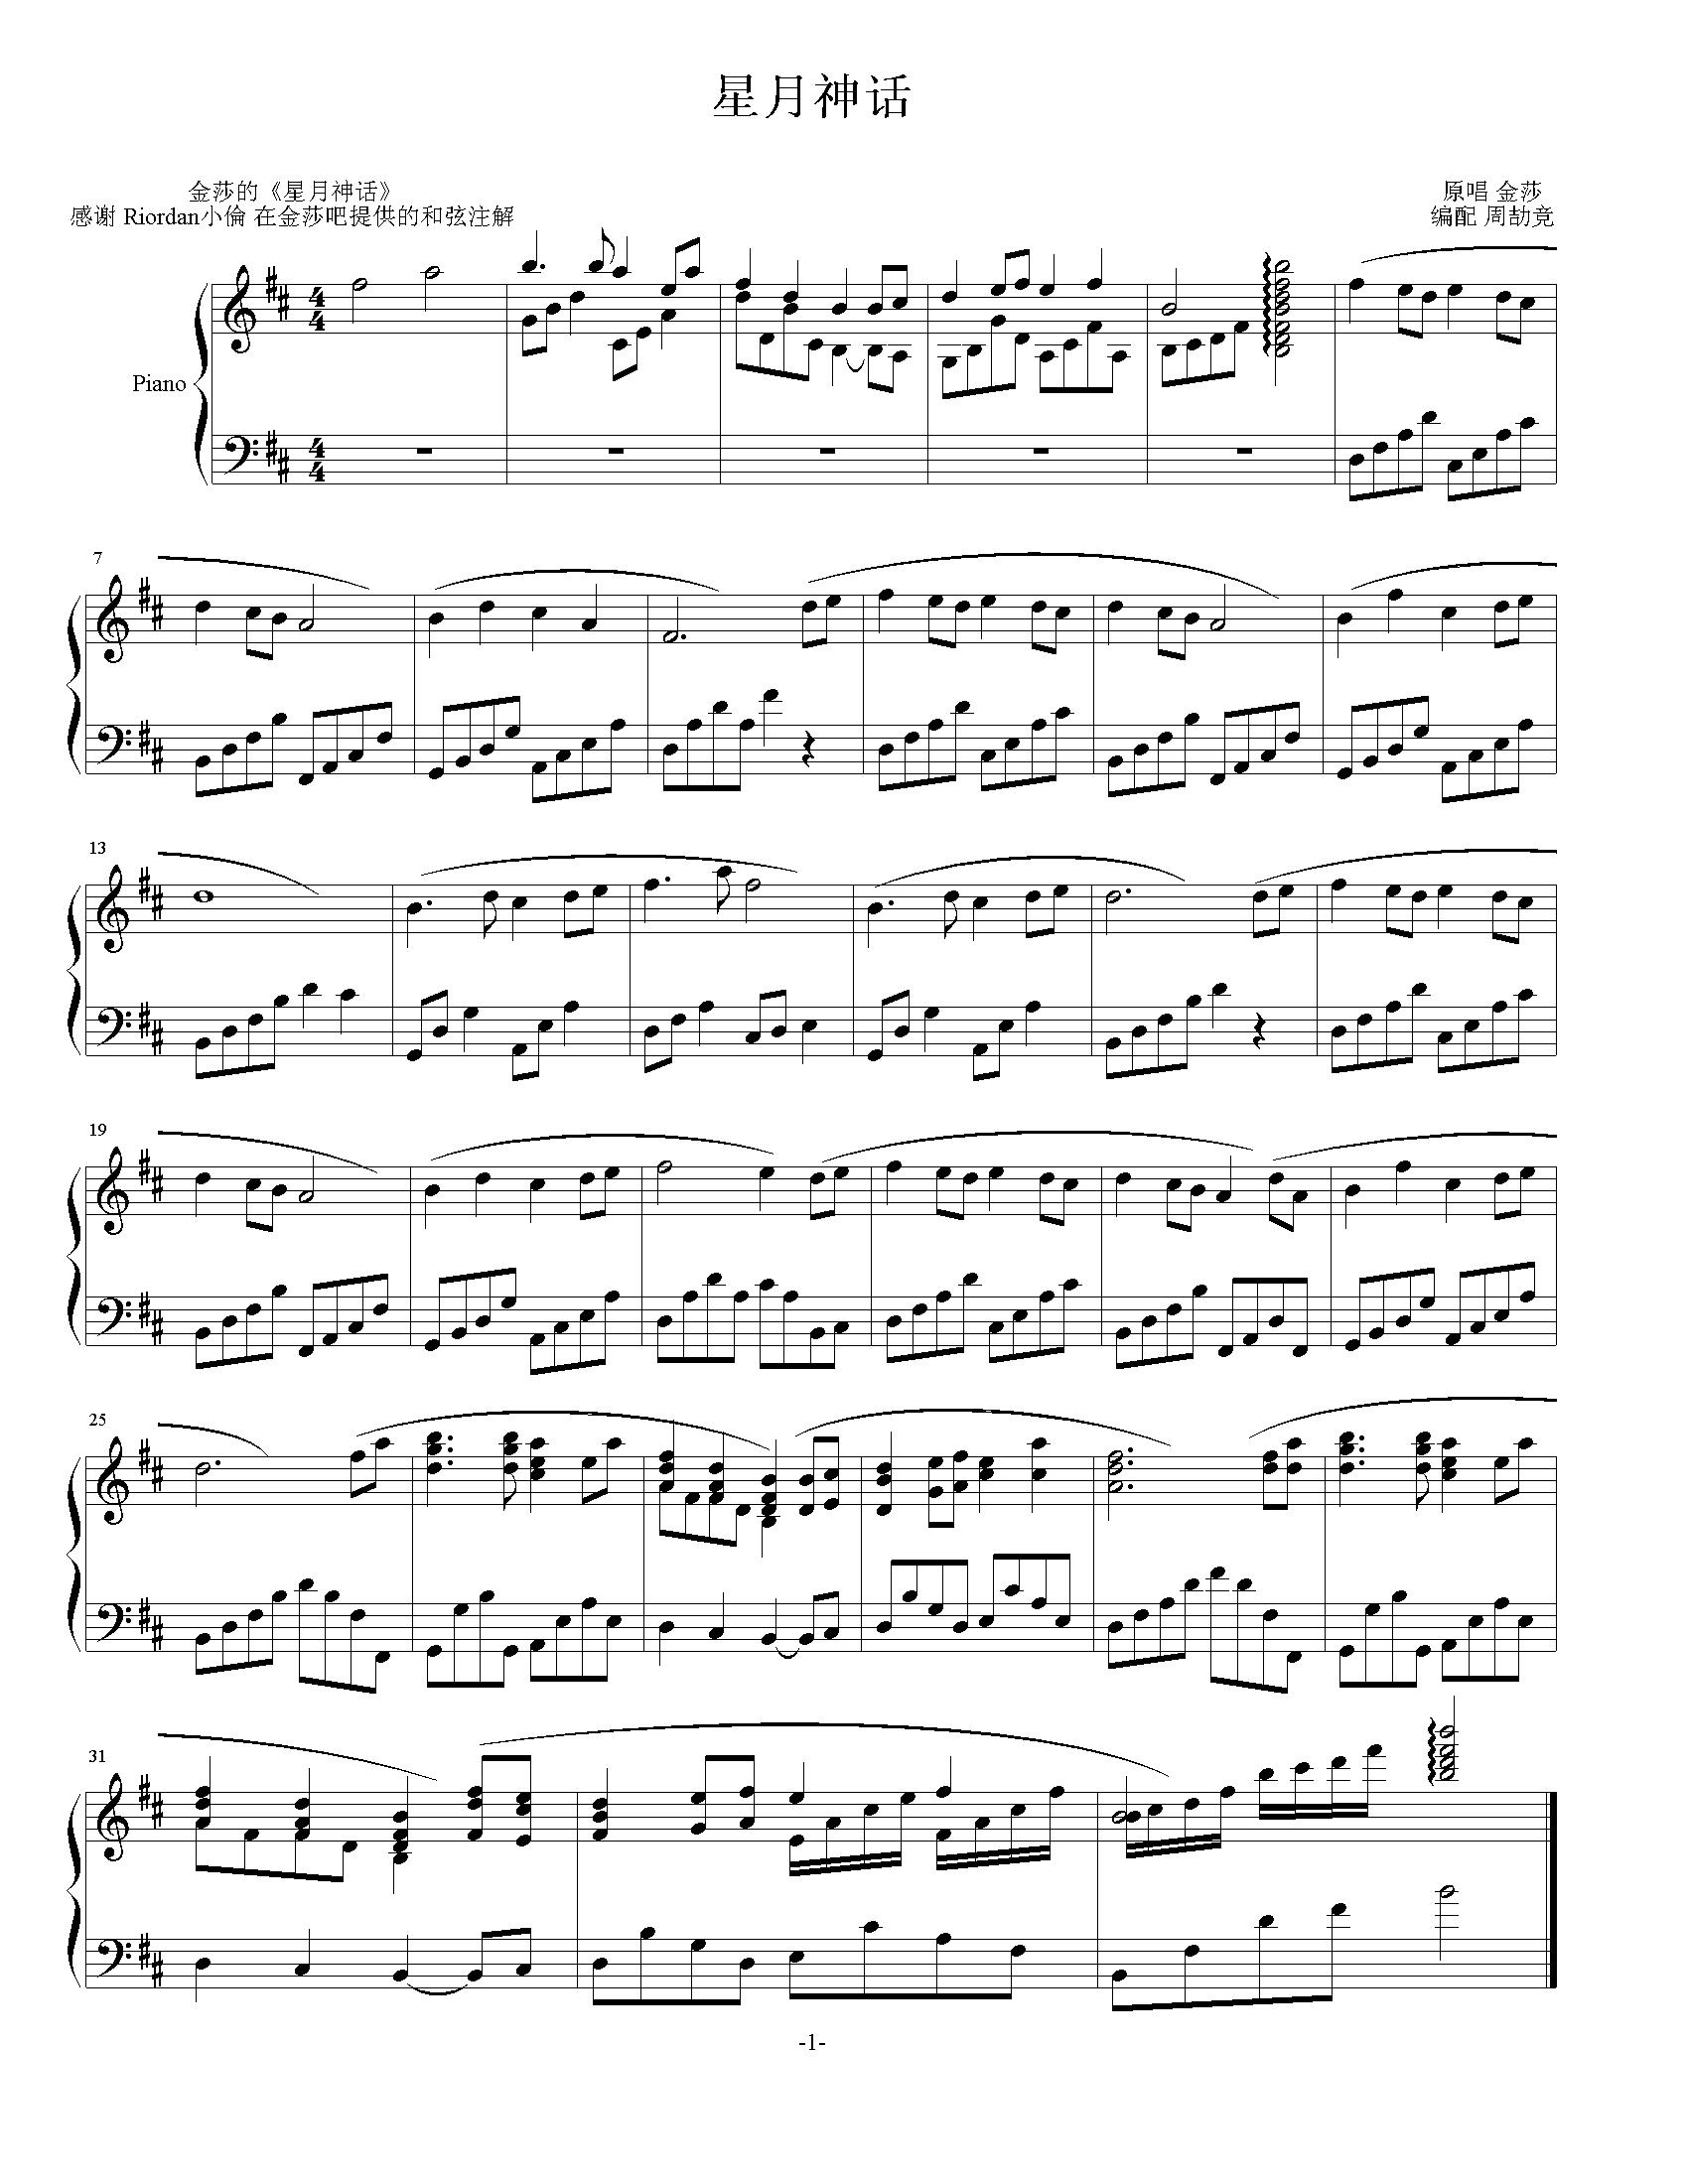 星月神话小提琴谱图片